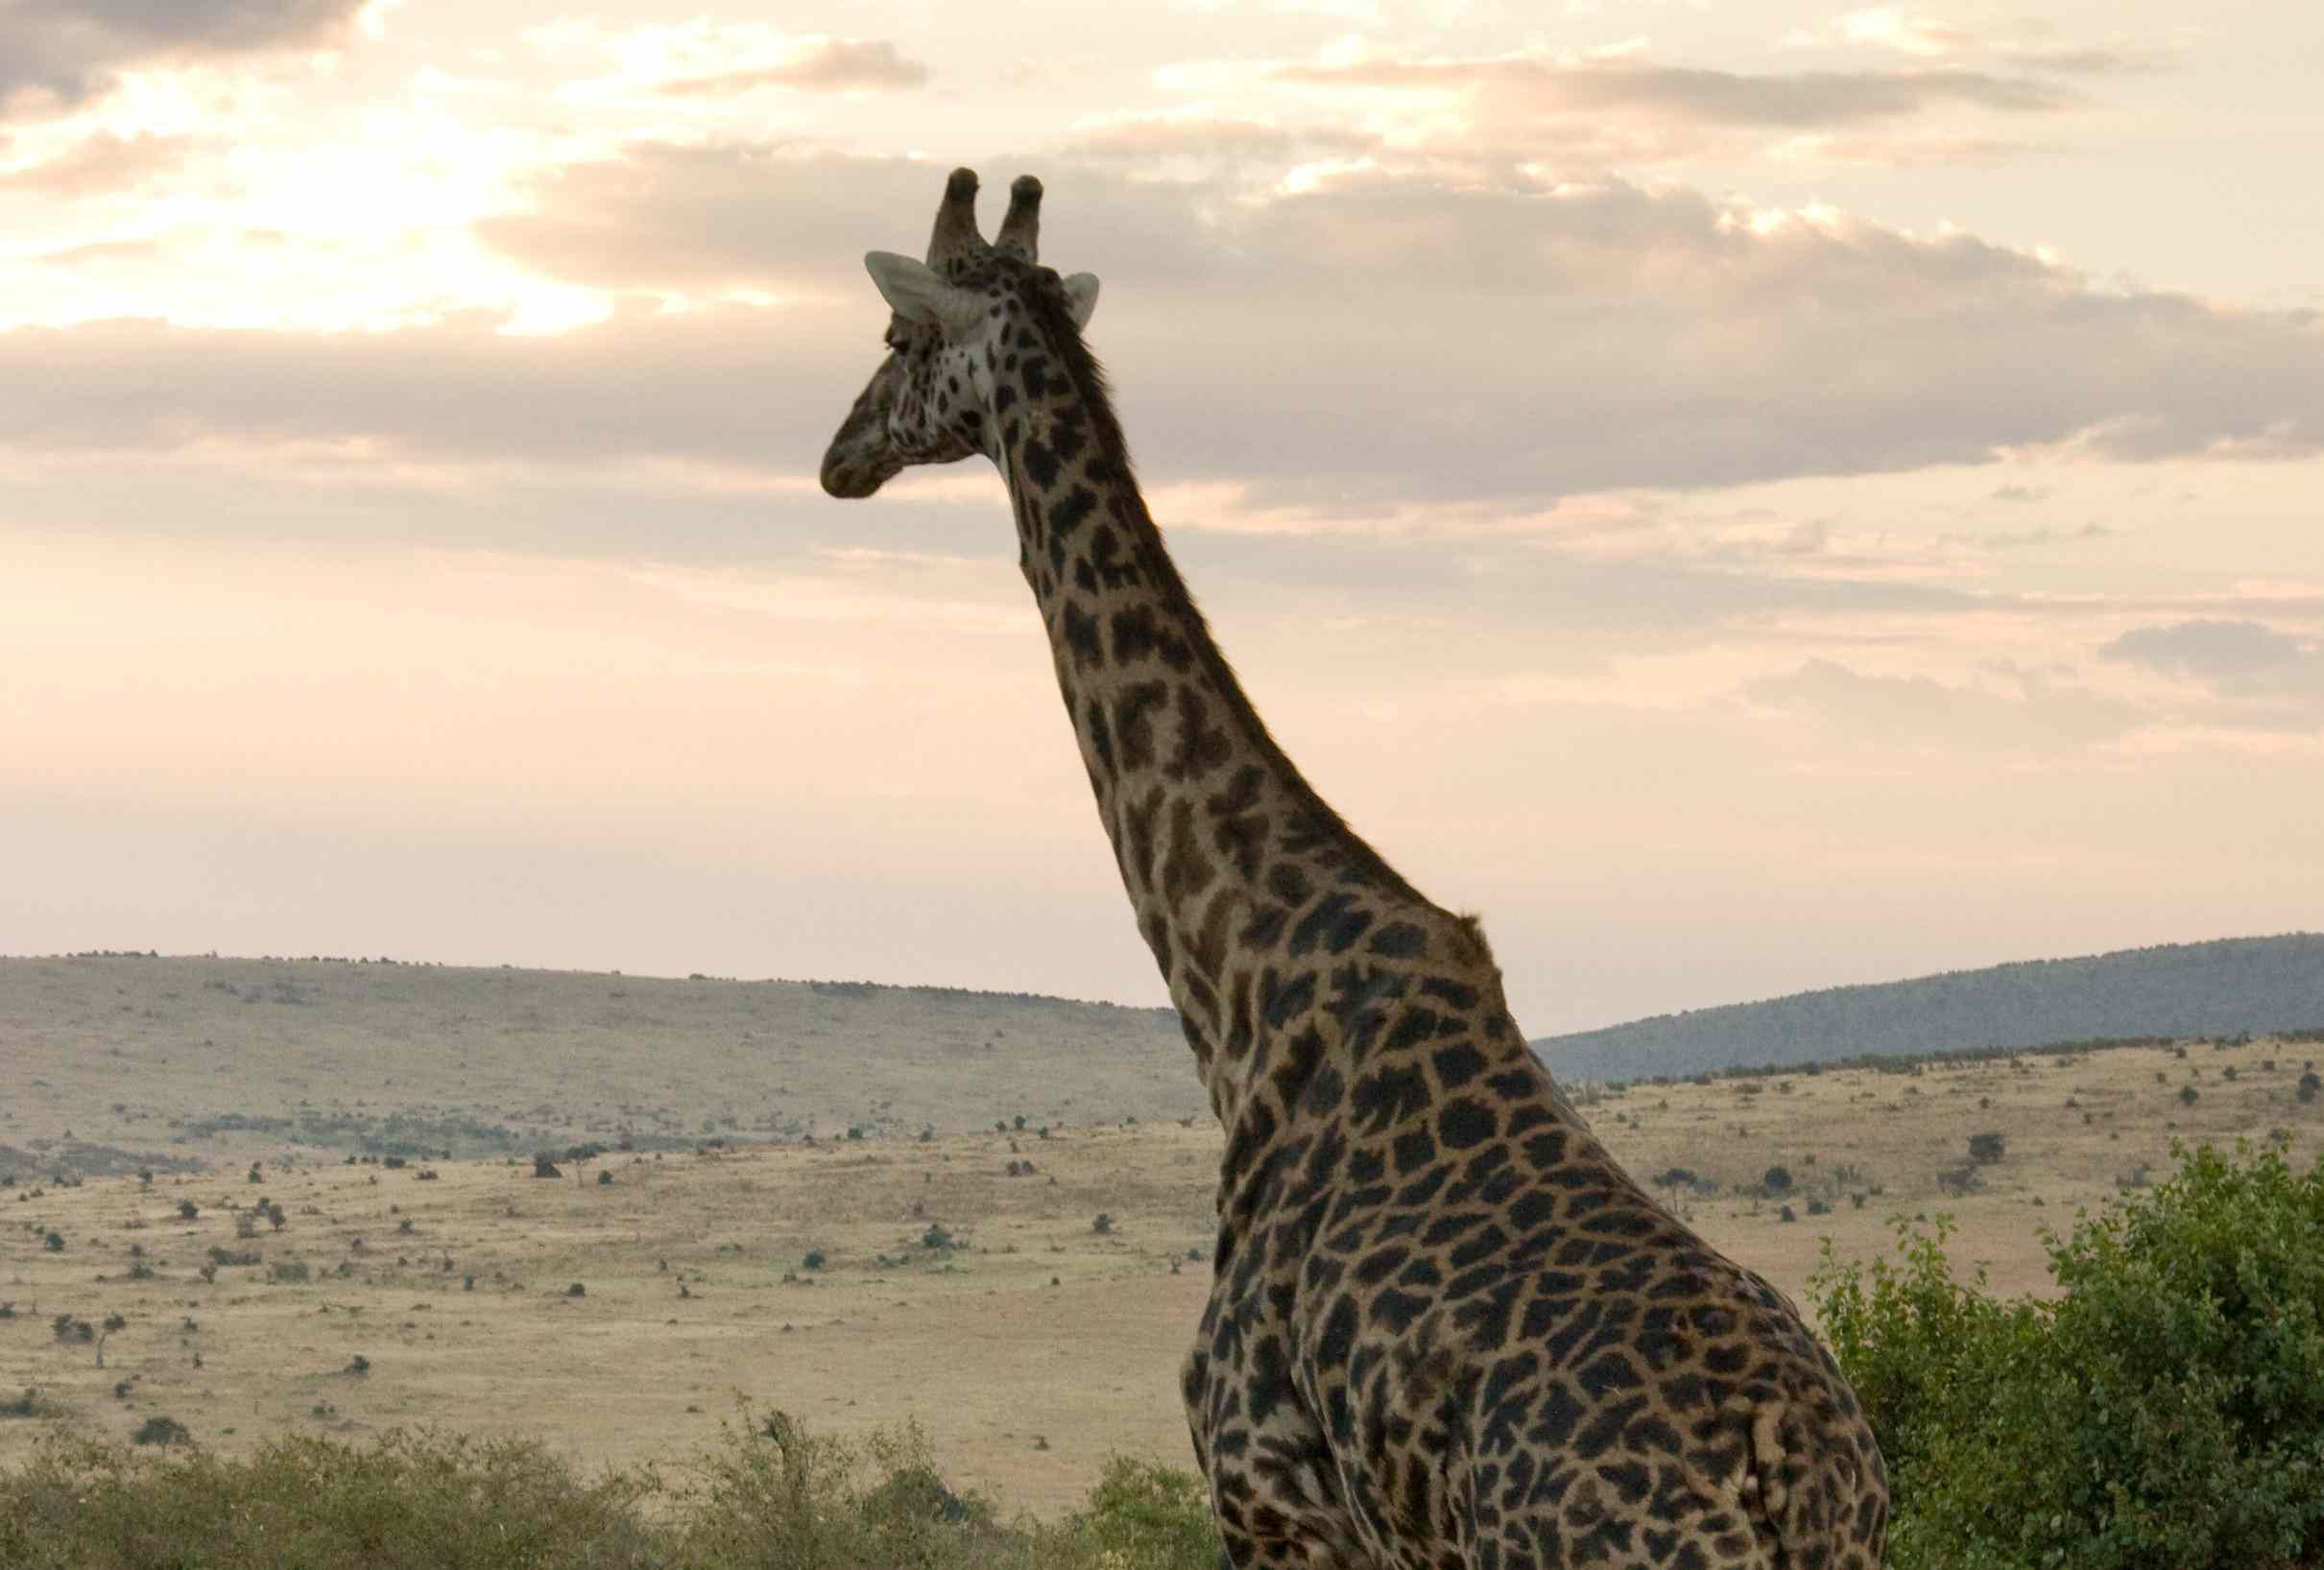 Giraffe walking toward the sunset in Kenya